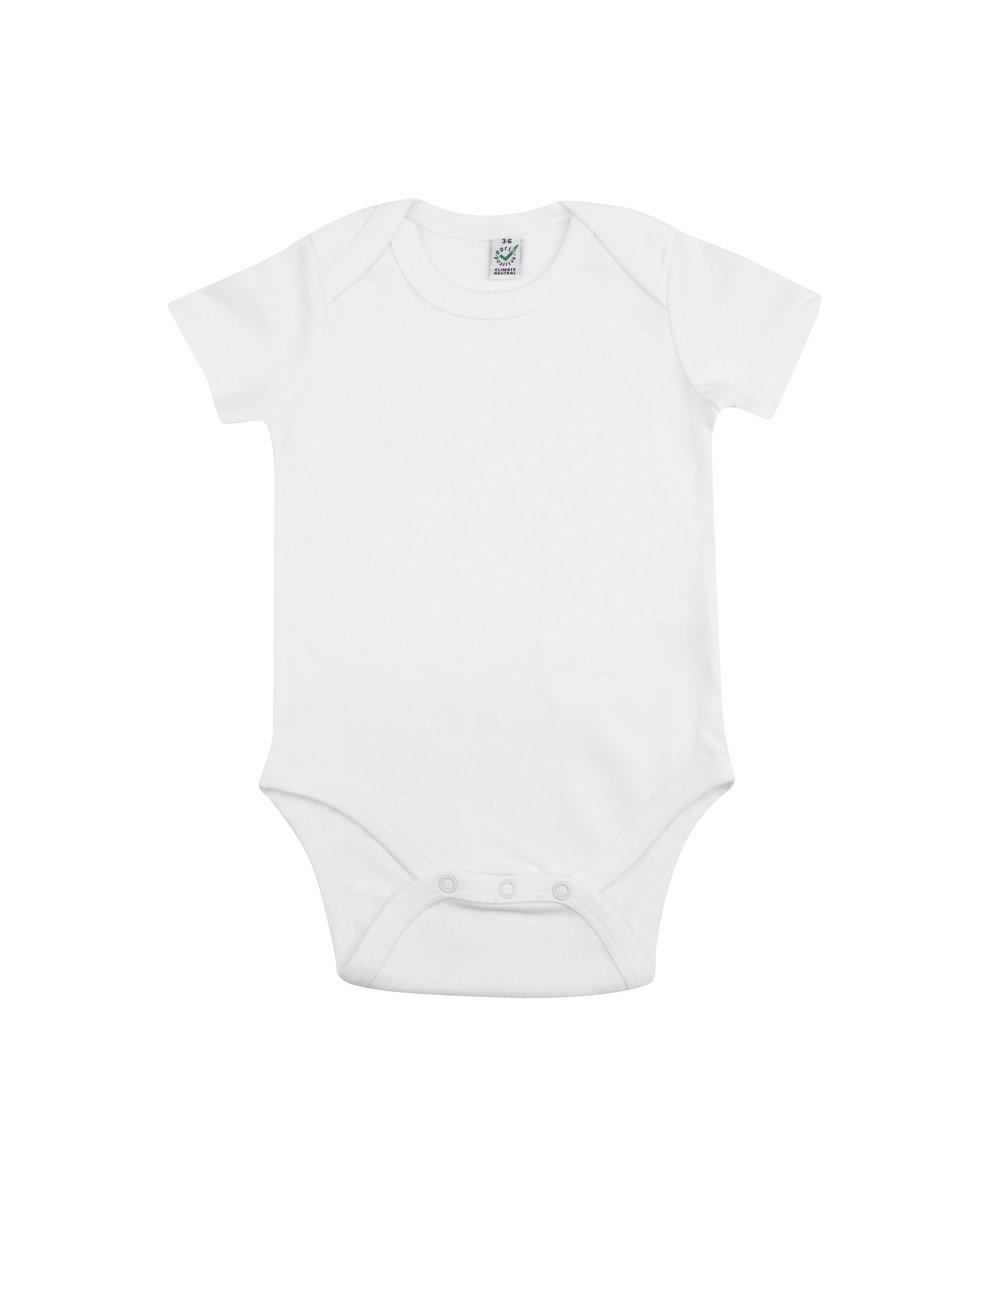 Impression textile rennes bretagne france body bébé bio enfant qualité